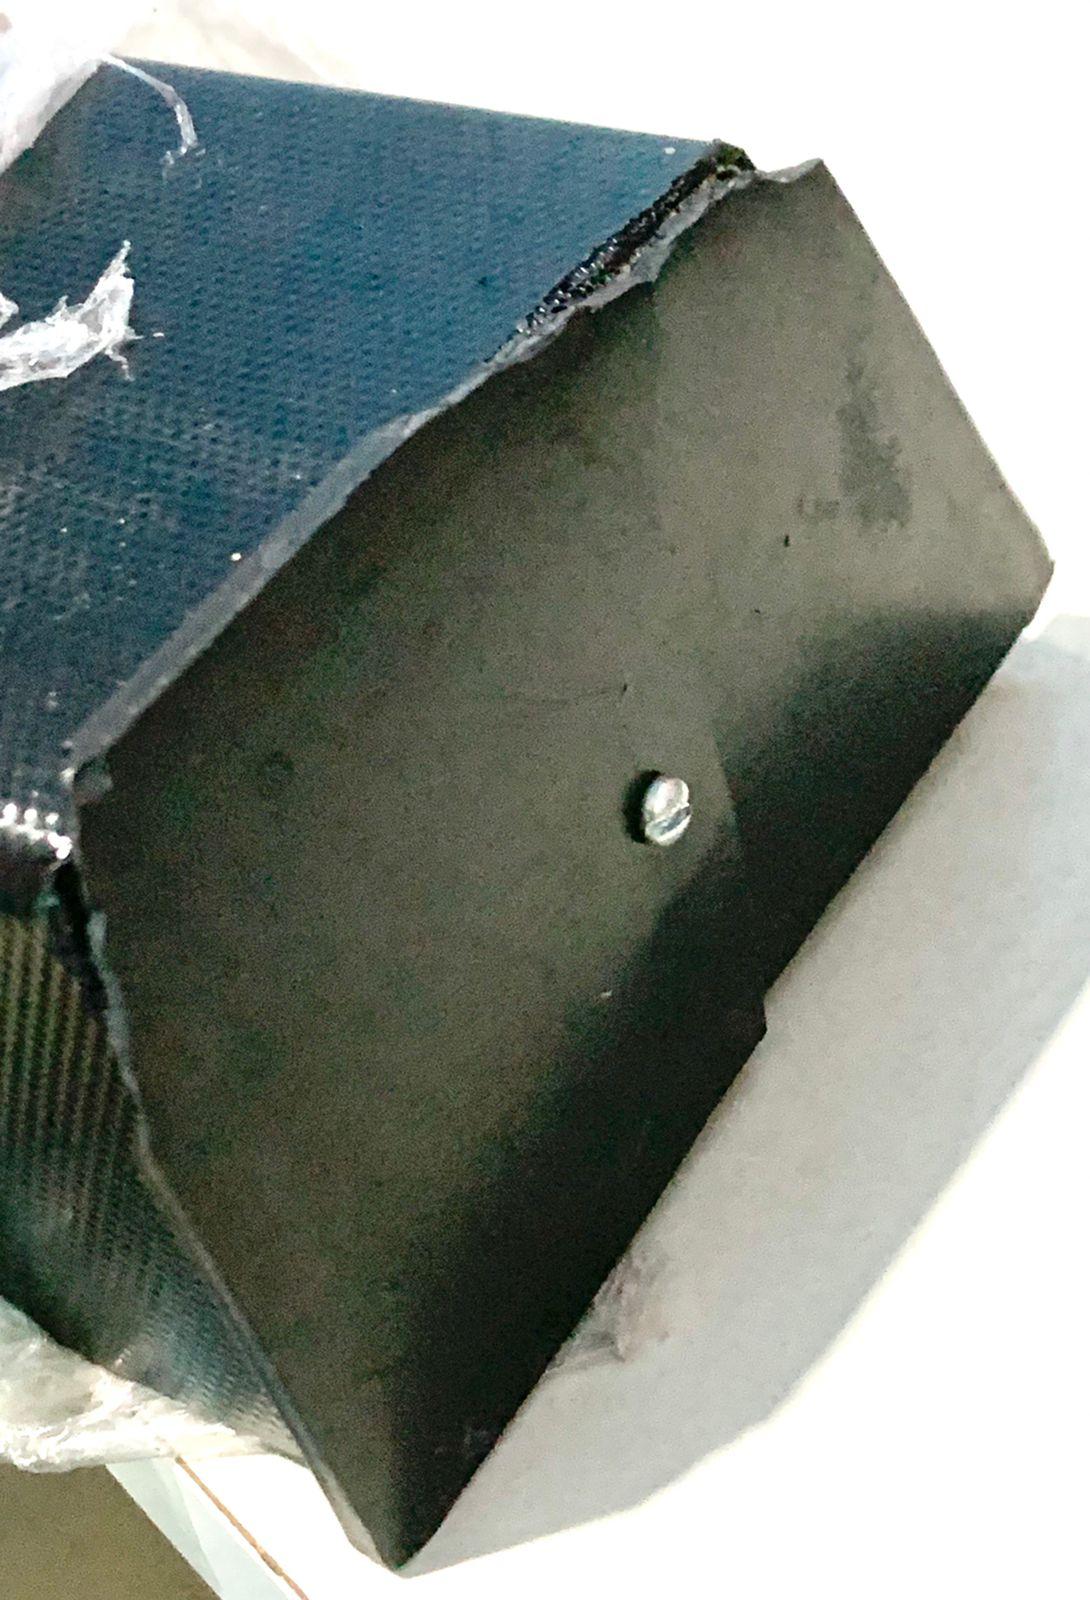 Luminária P Aquário Calha Dupla Incandescente 91cm C/ Avaria